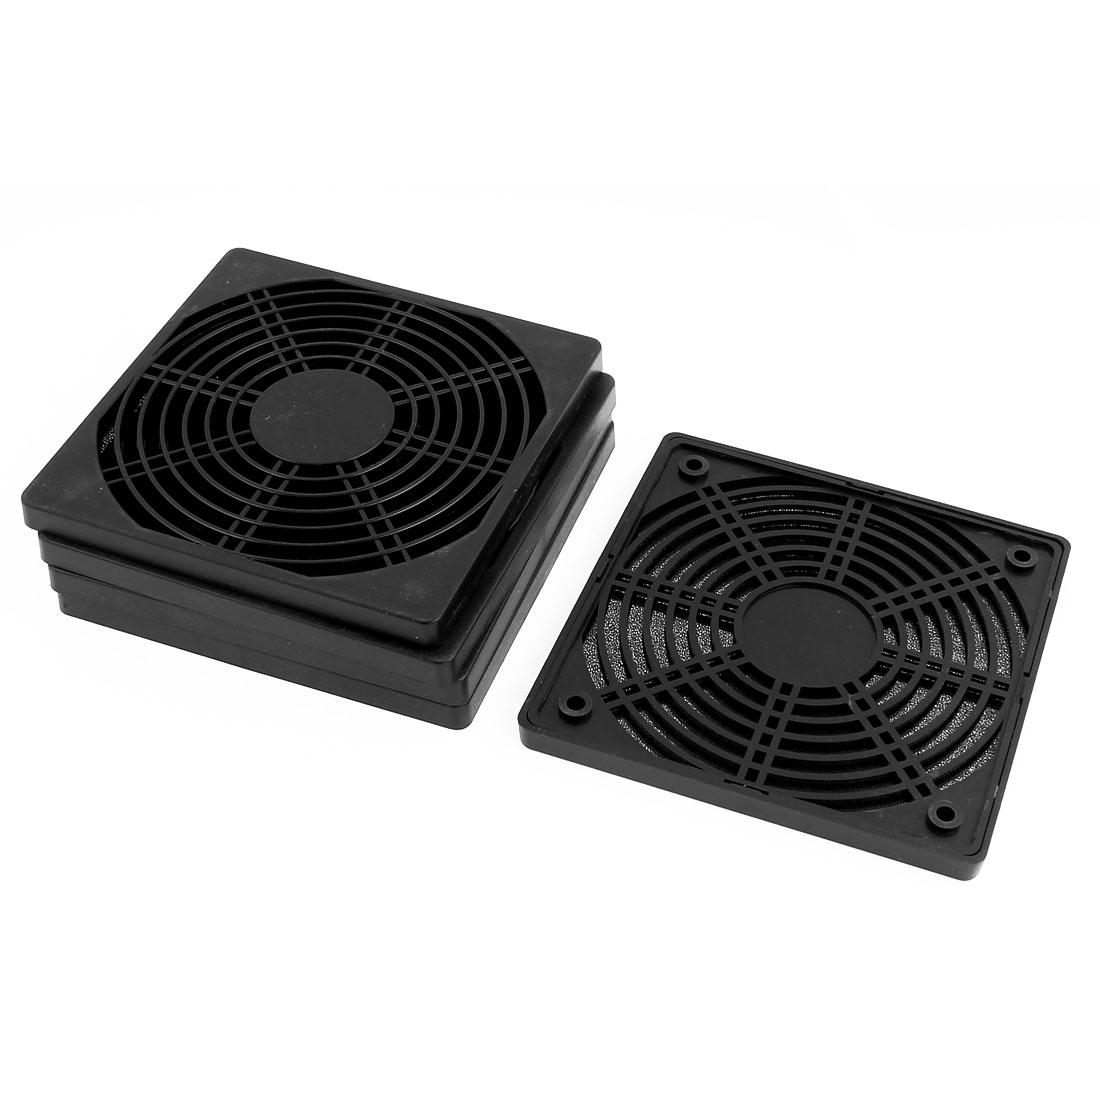 5pcs 135mm x 135mm Dustproof Case PC Computer Case Fan Dust Filter